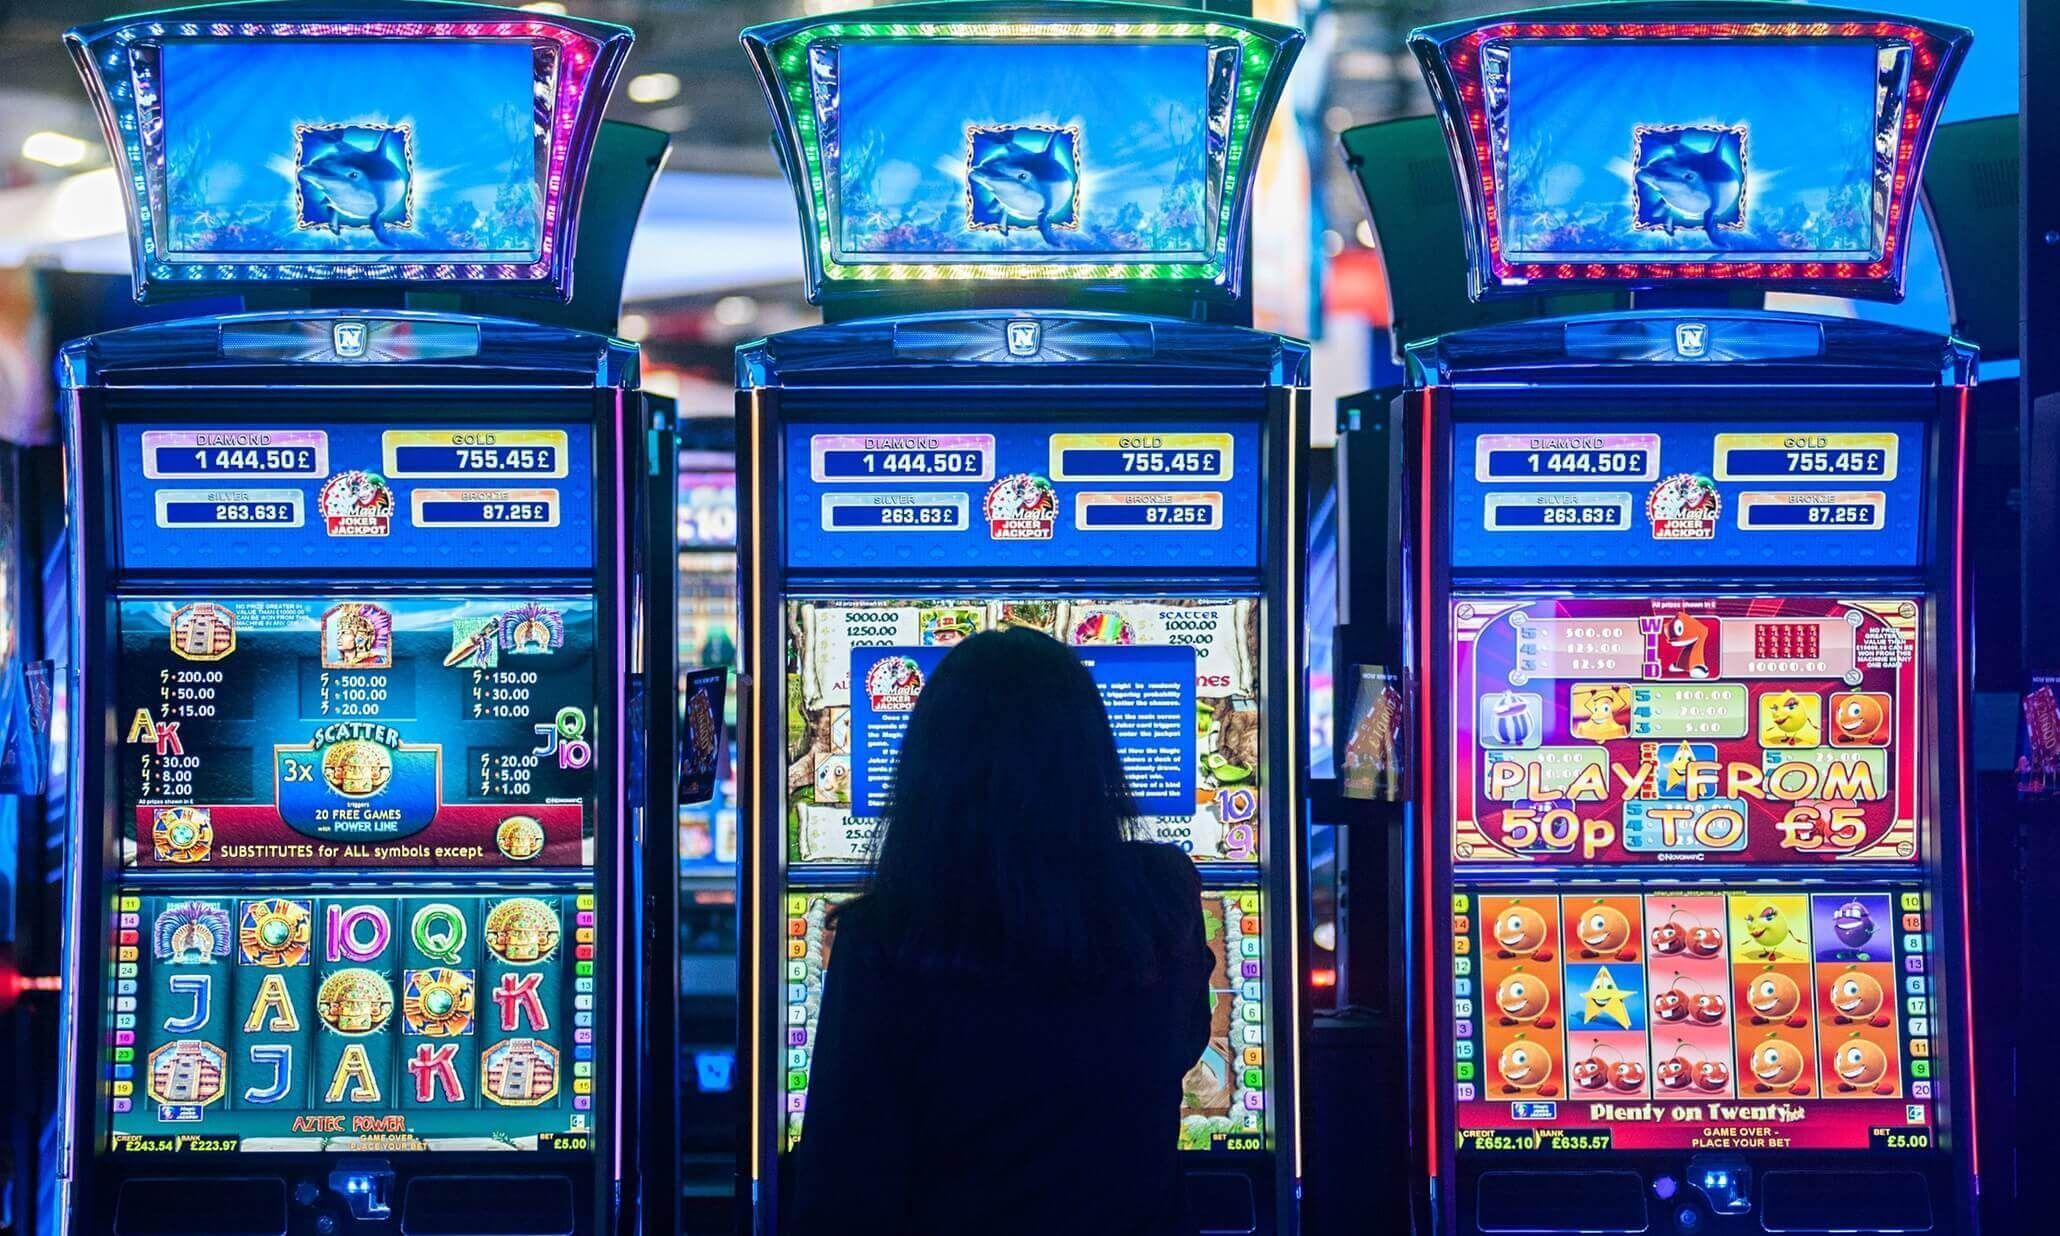 регистрации казино игры без скачать